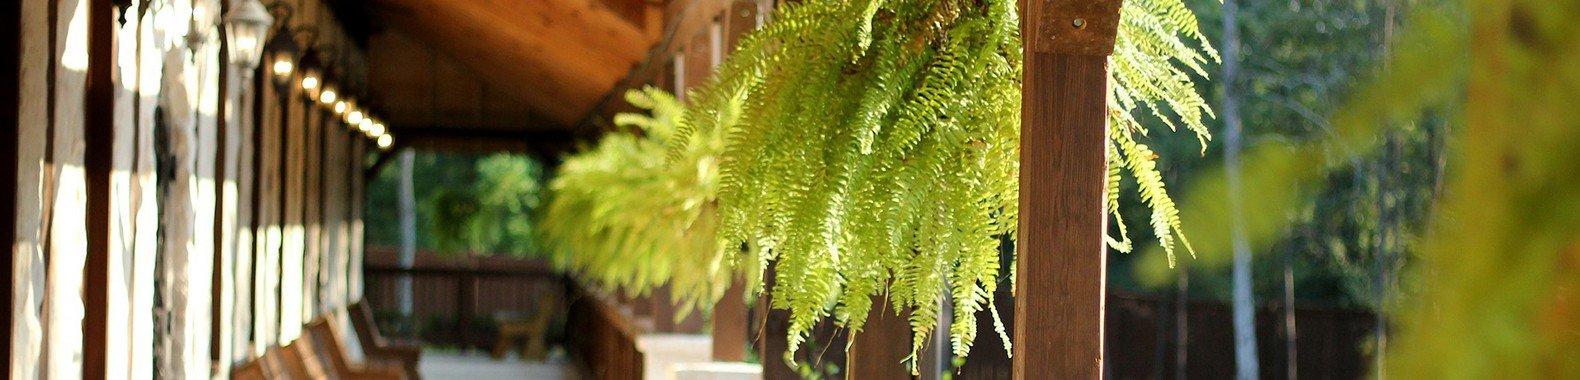 planta para ter em casa samambaia